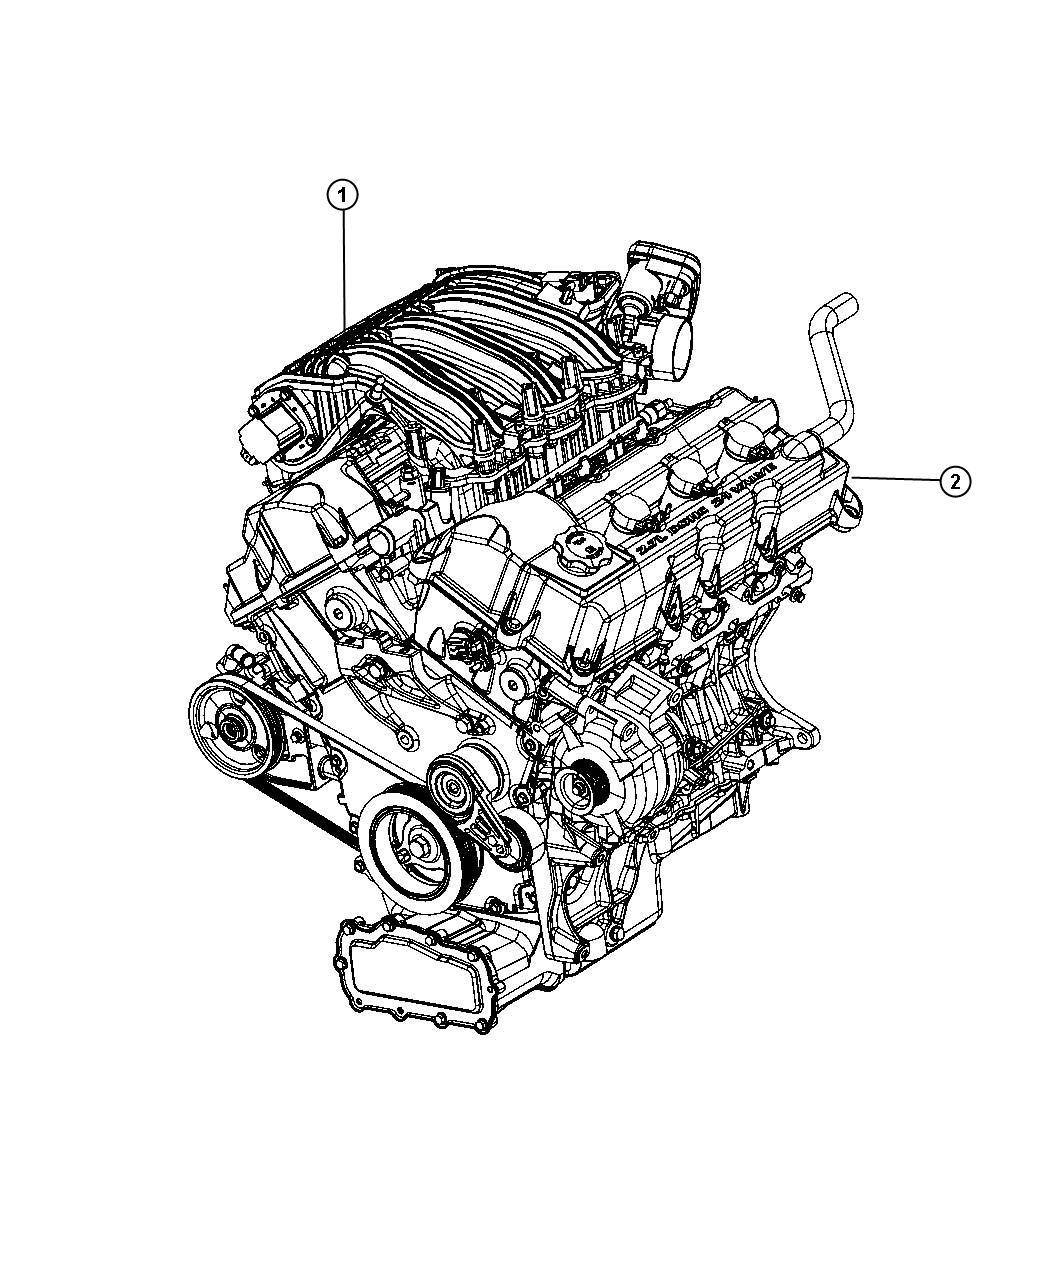 Dodge Charger Base 2 7l V6 Engine Long Block